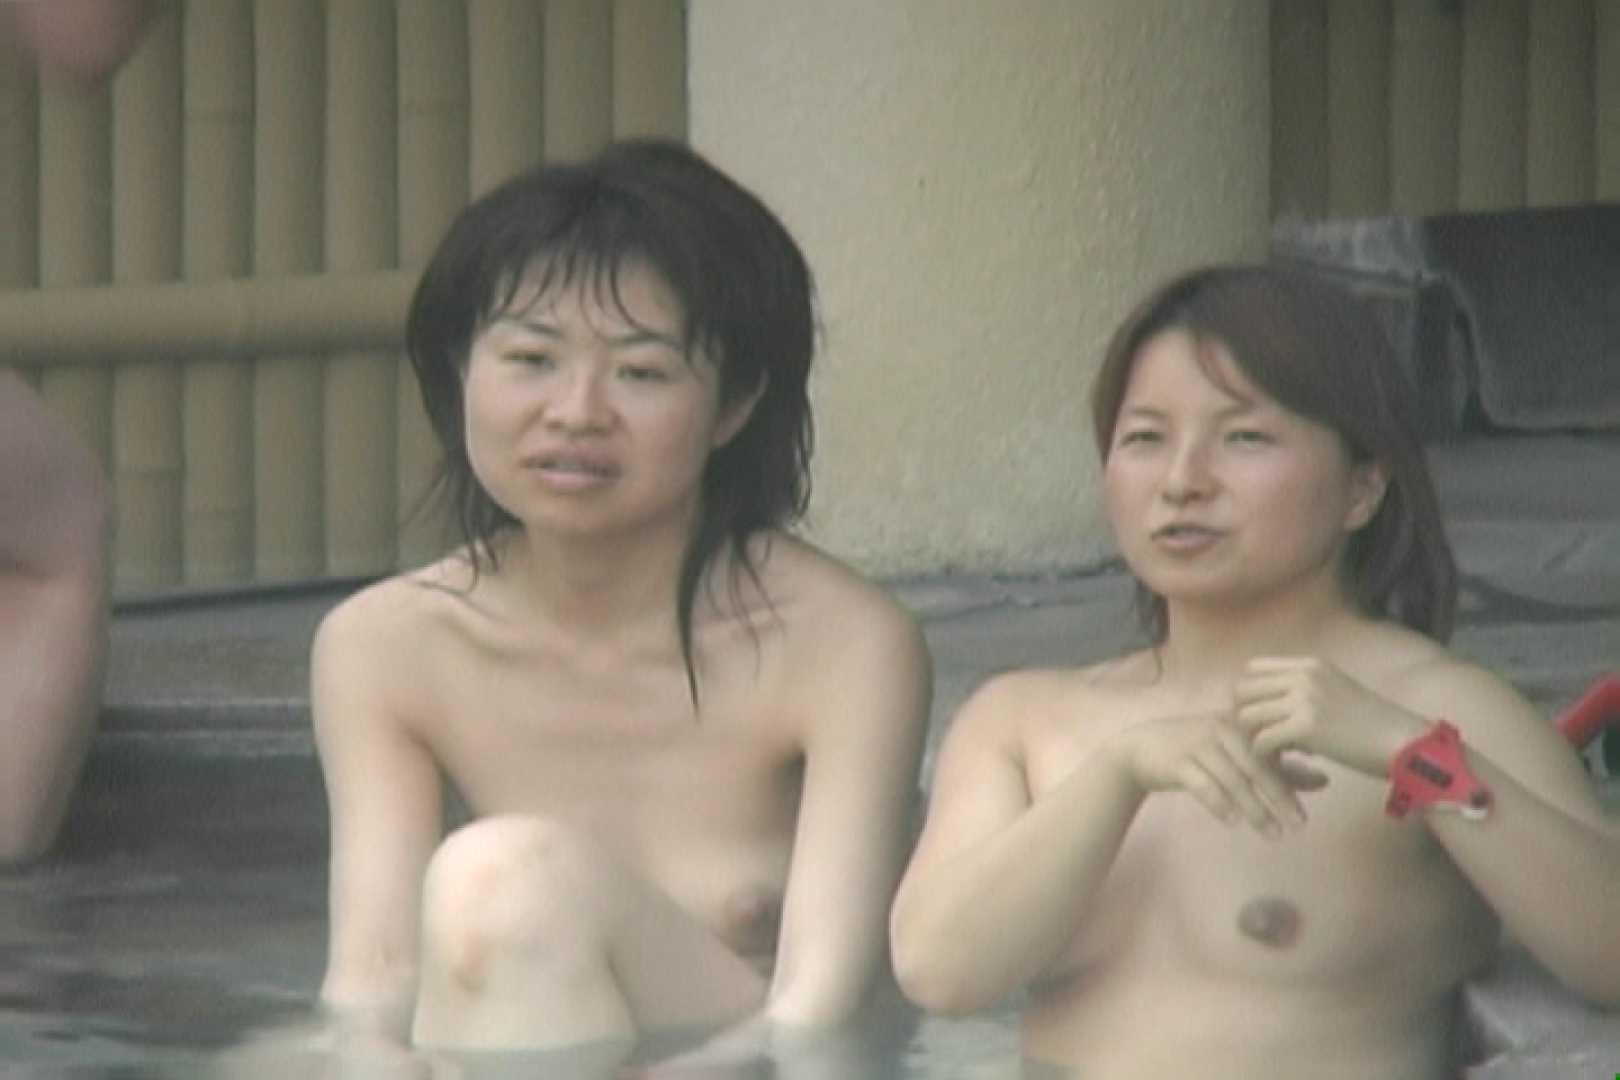 高画質露天女風呂観察 vol.012 望遠映像  93PIX 54